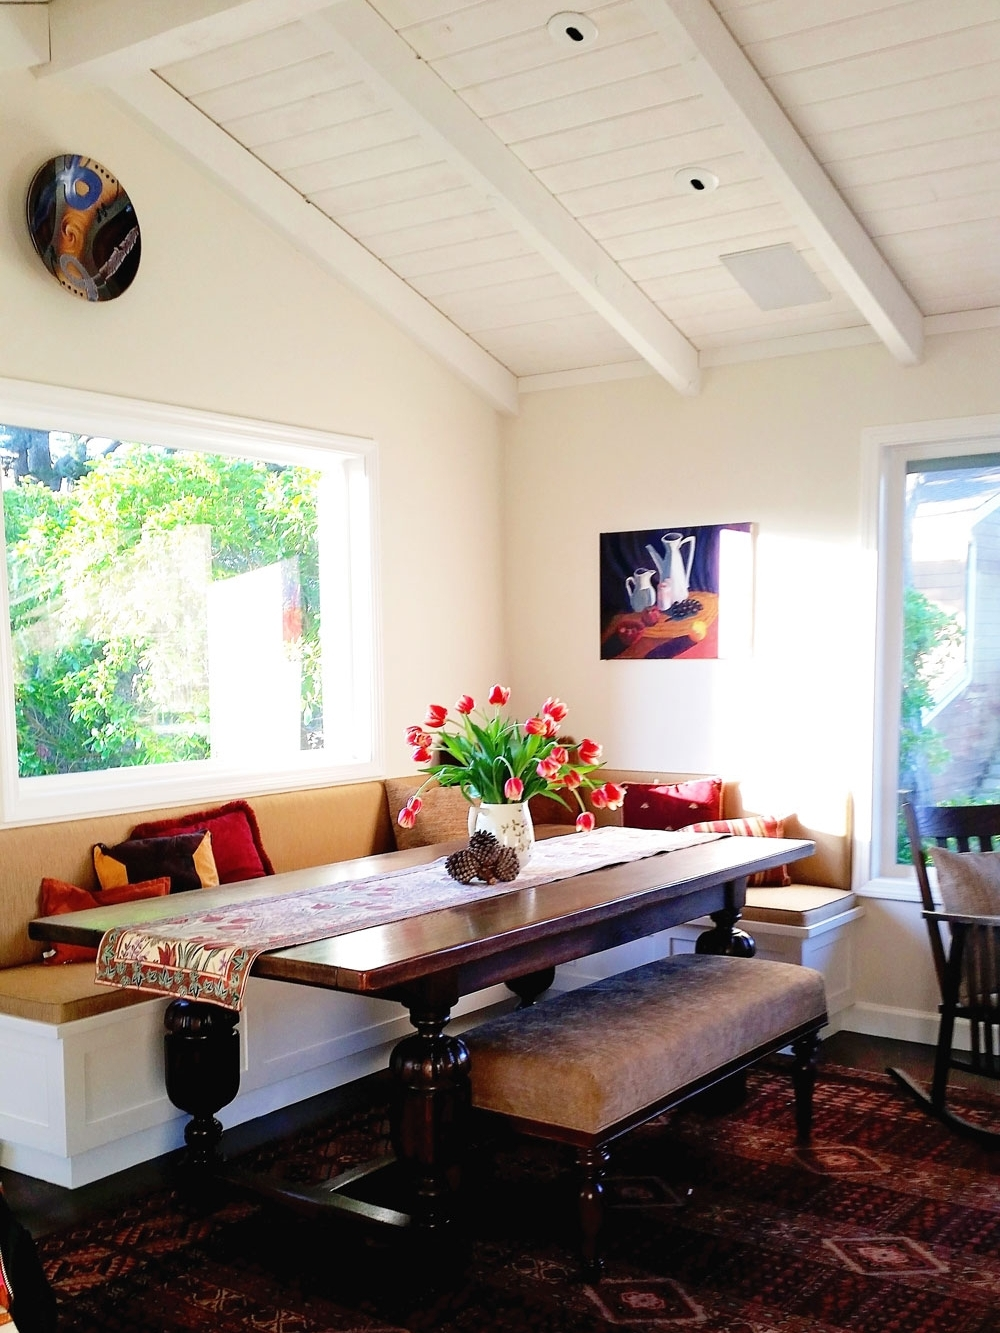 4-vaulted-breakfast-nook-beamed-dee-carawan-ceiling.jpg